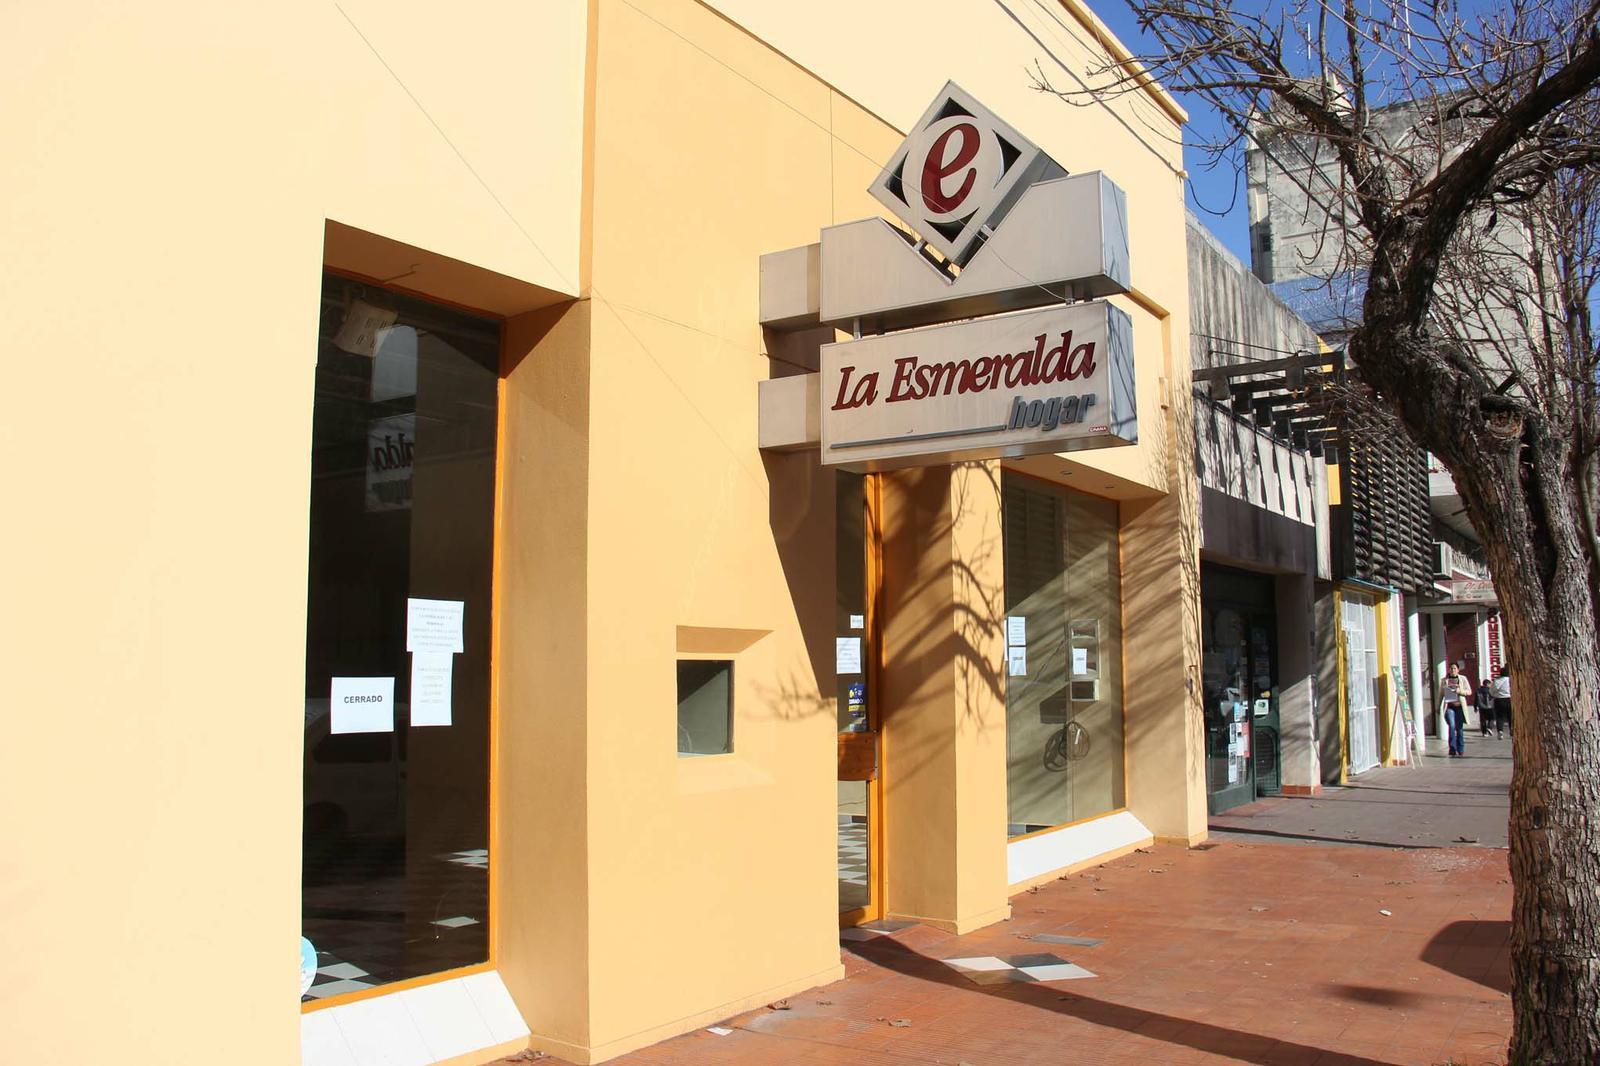 Cierre de la esmeralda casa de electrodom sticos - Casas de electrodomesticos ...